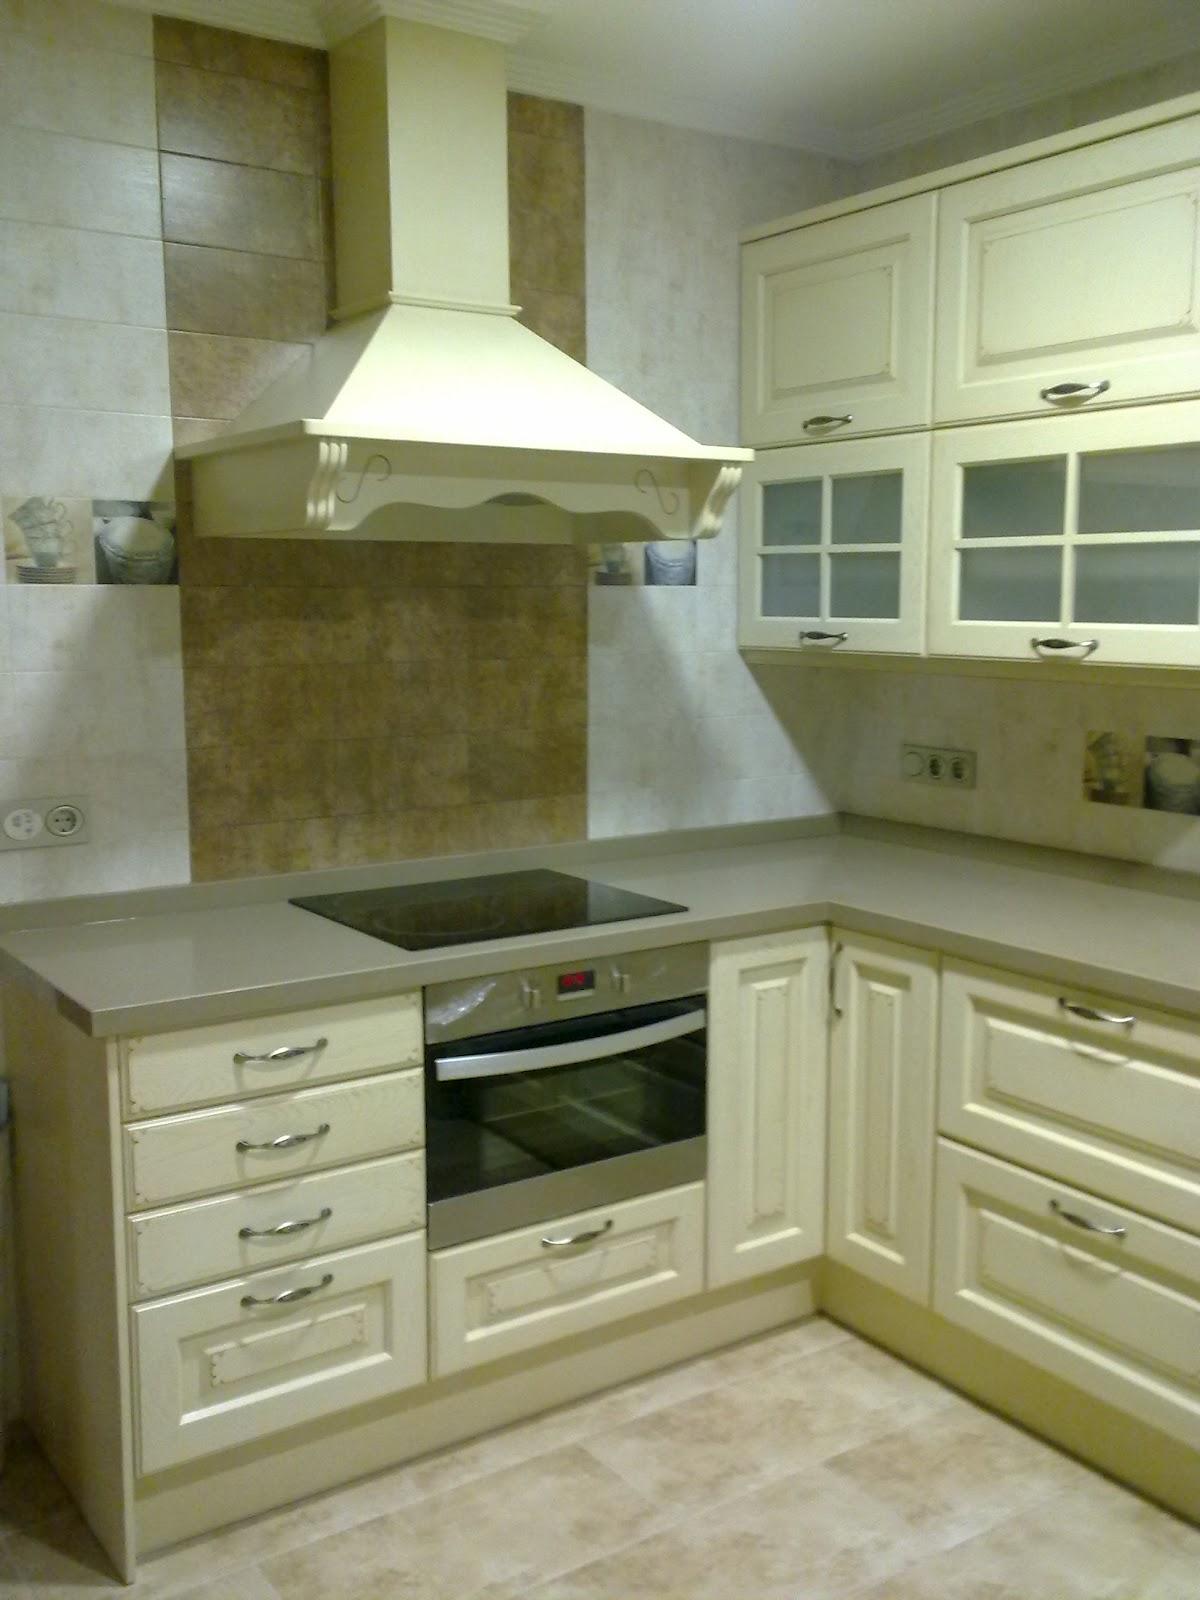 Bamb muebles y cocinas cocina colonial - Ver cocinas montadas ...